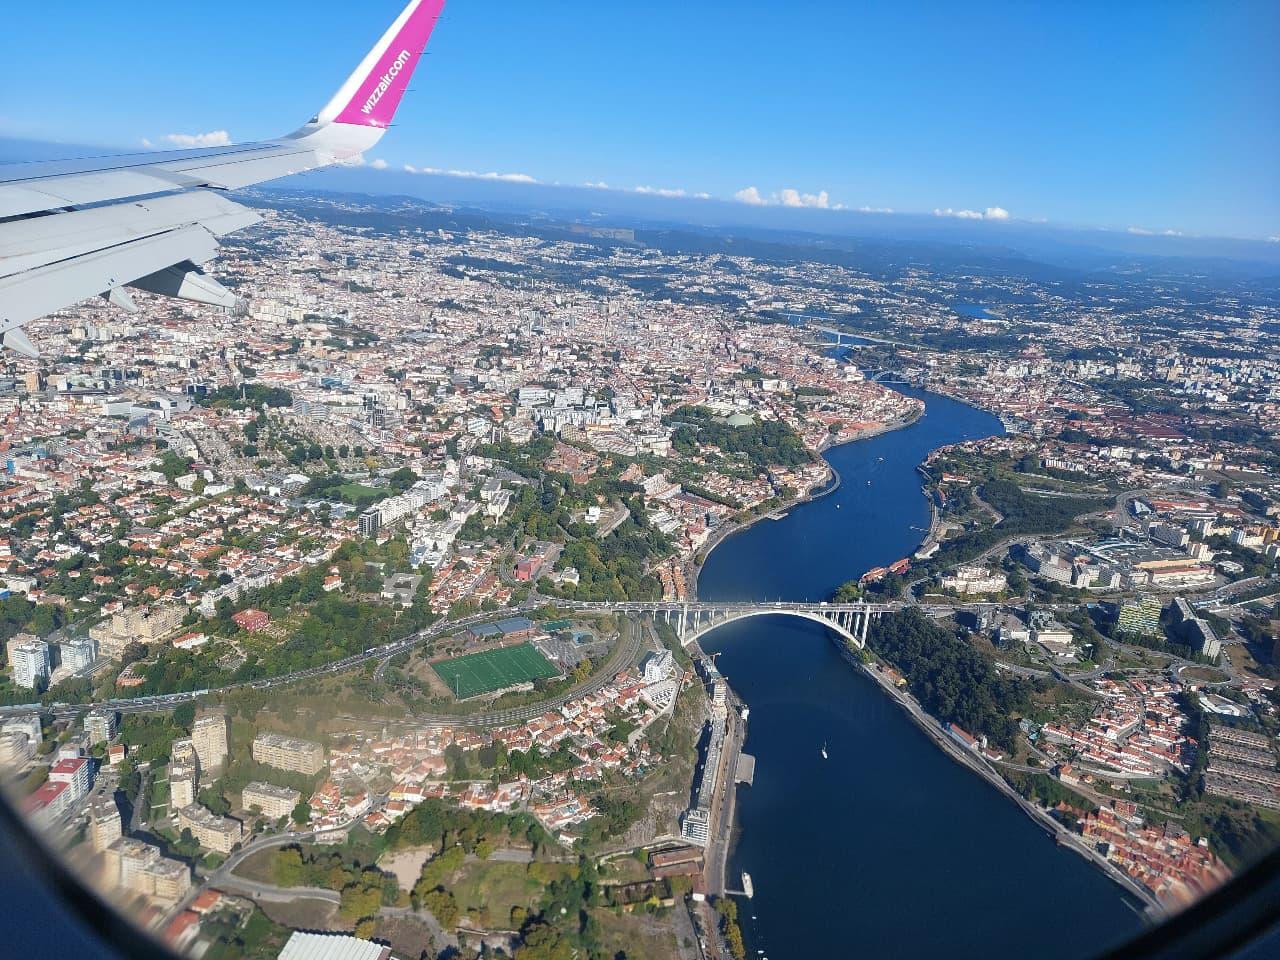 Při pohledu na Porto z okýnka letadla začíná mít těšení se na výlet konečně ten správný rozměr